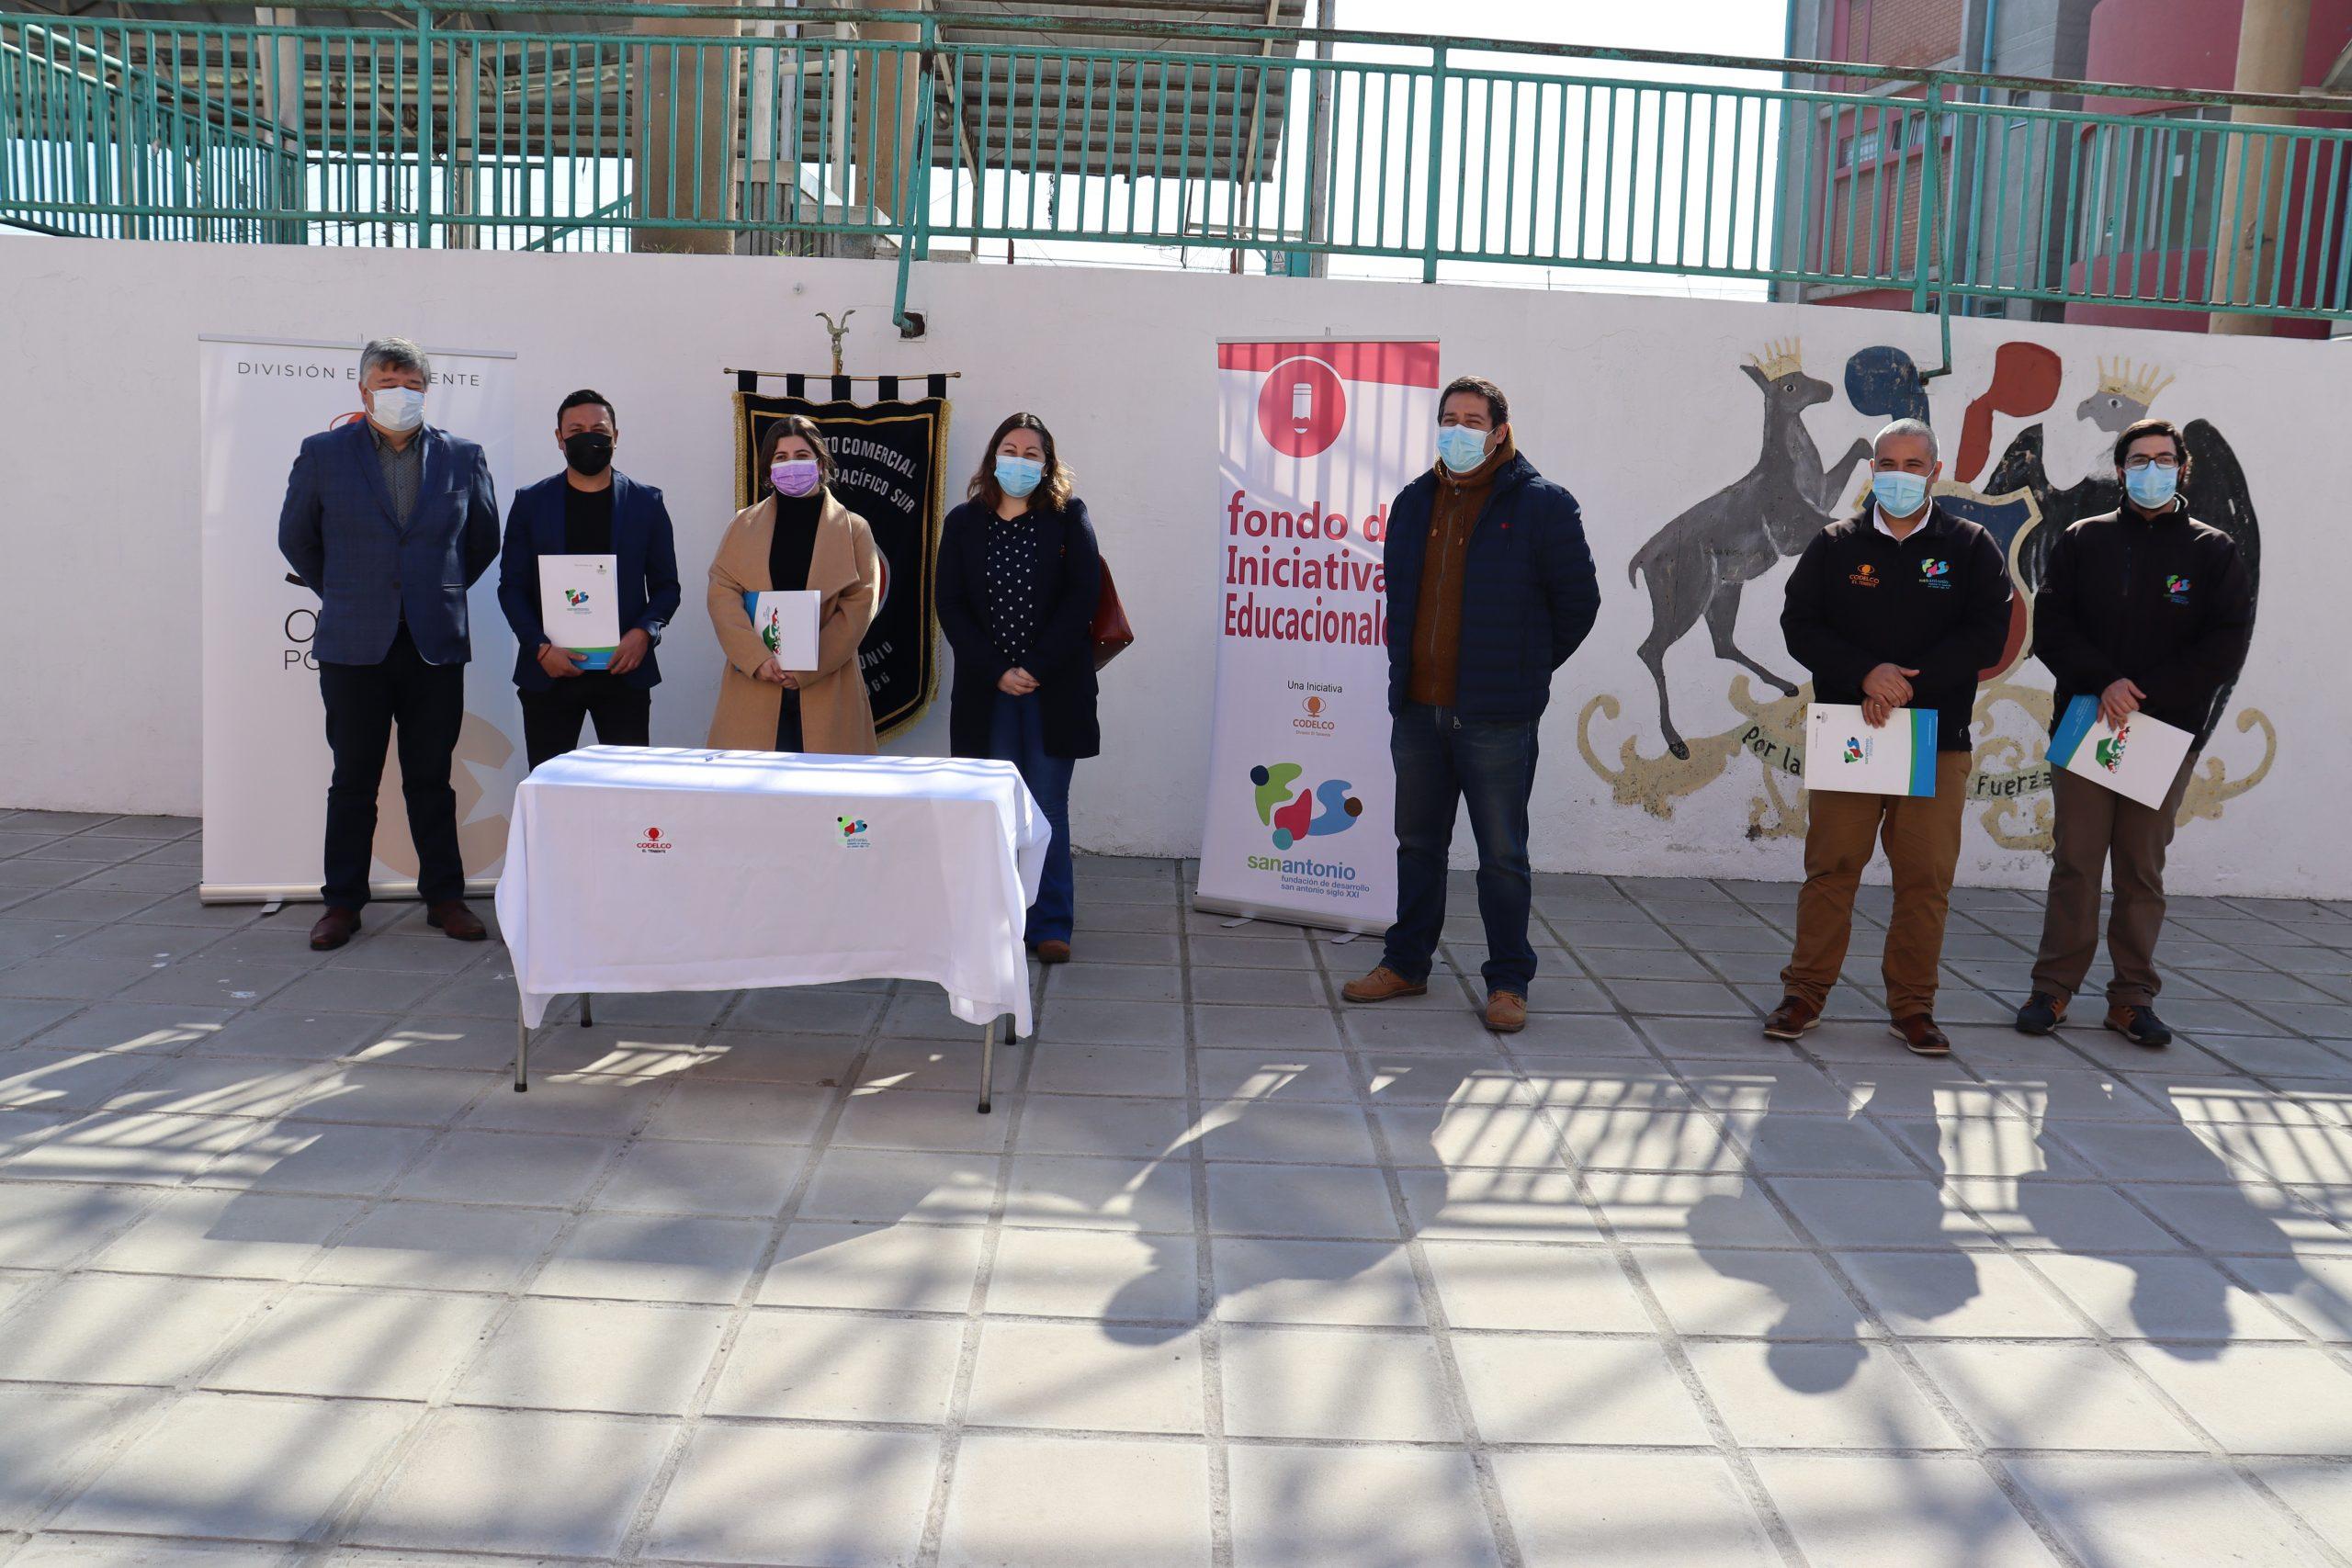 Fundación San Antonio Siglo XXI y Codelco El Teniente entregaron recursos de su Fondo de Iniciativas Educacionales